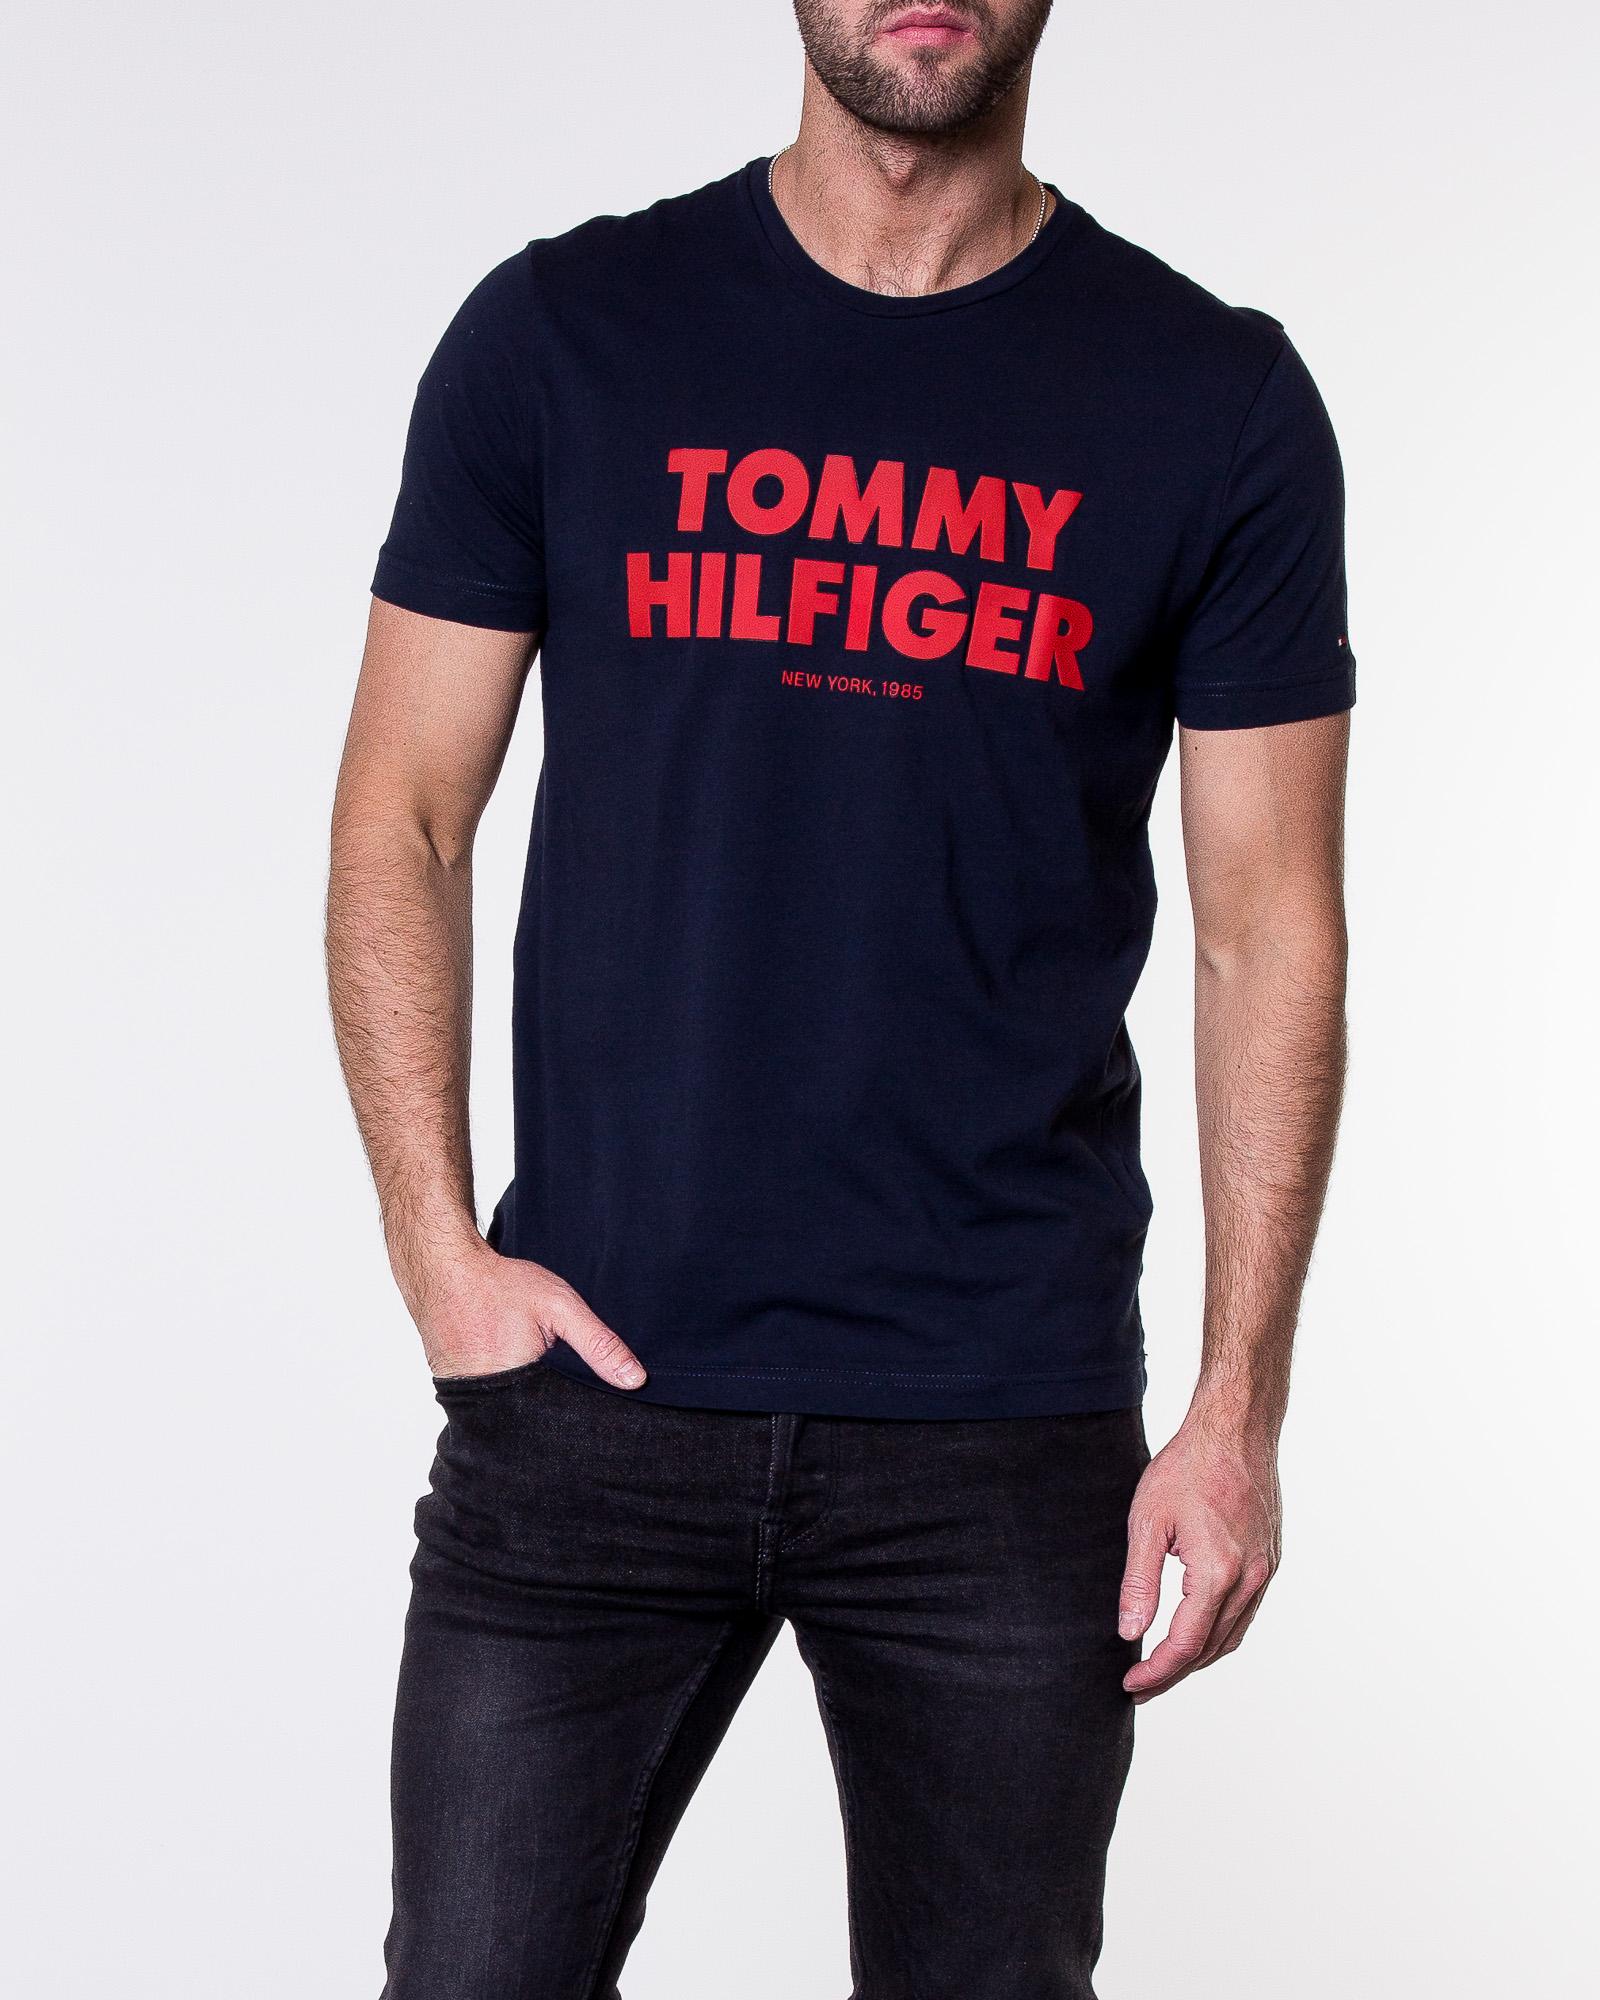 4bea7af50 Tommy Hilfiger, Tommy Hilfiger Tee Sky Captain | Men's T-shirts |  HOUSEOFBRANDON.COM